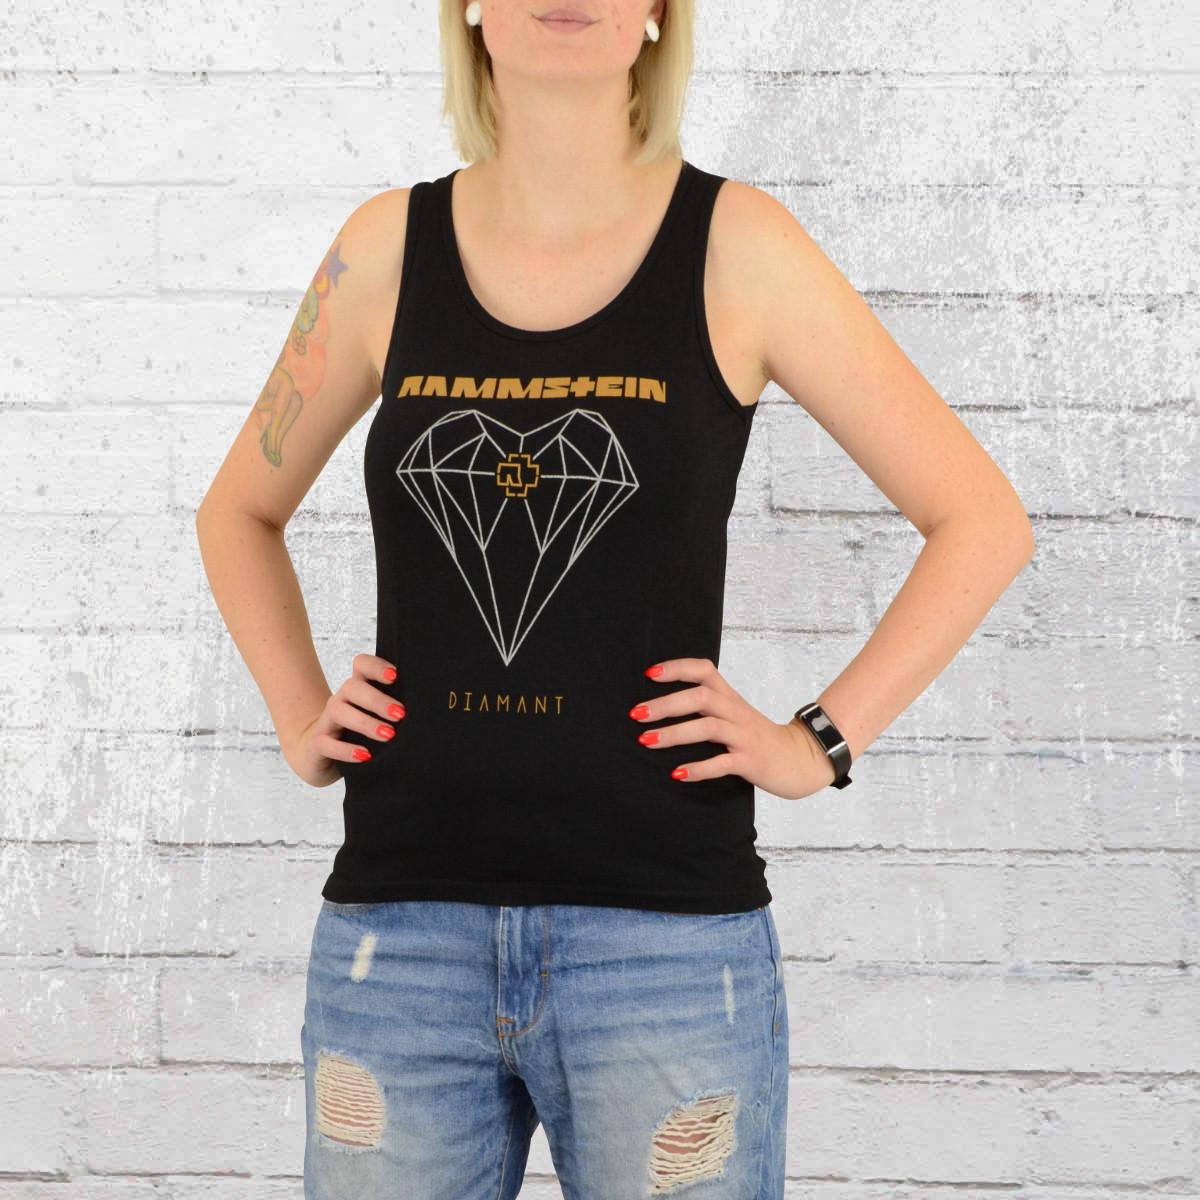 Rammstein Ladies Diamant Tanktop